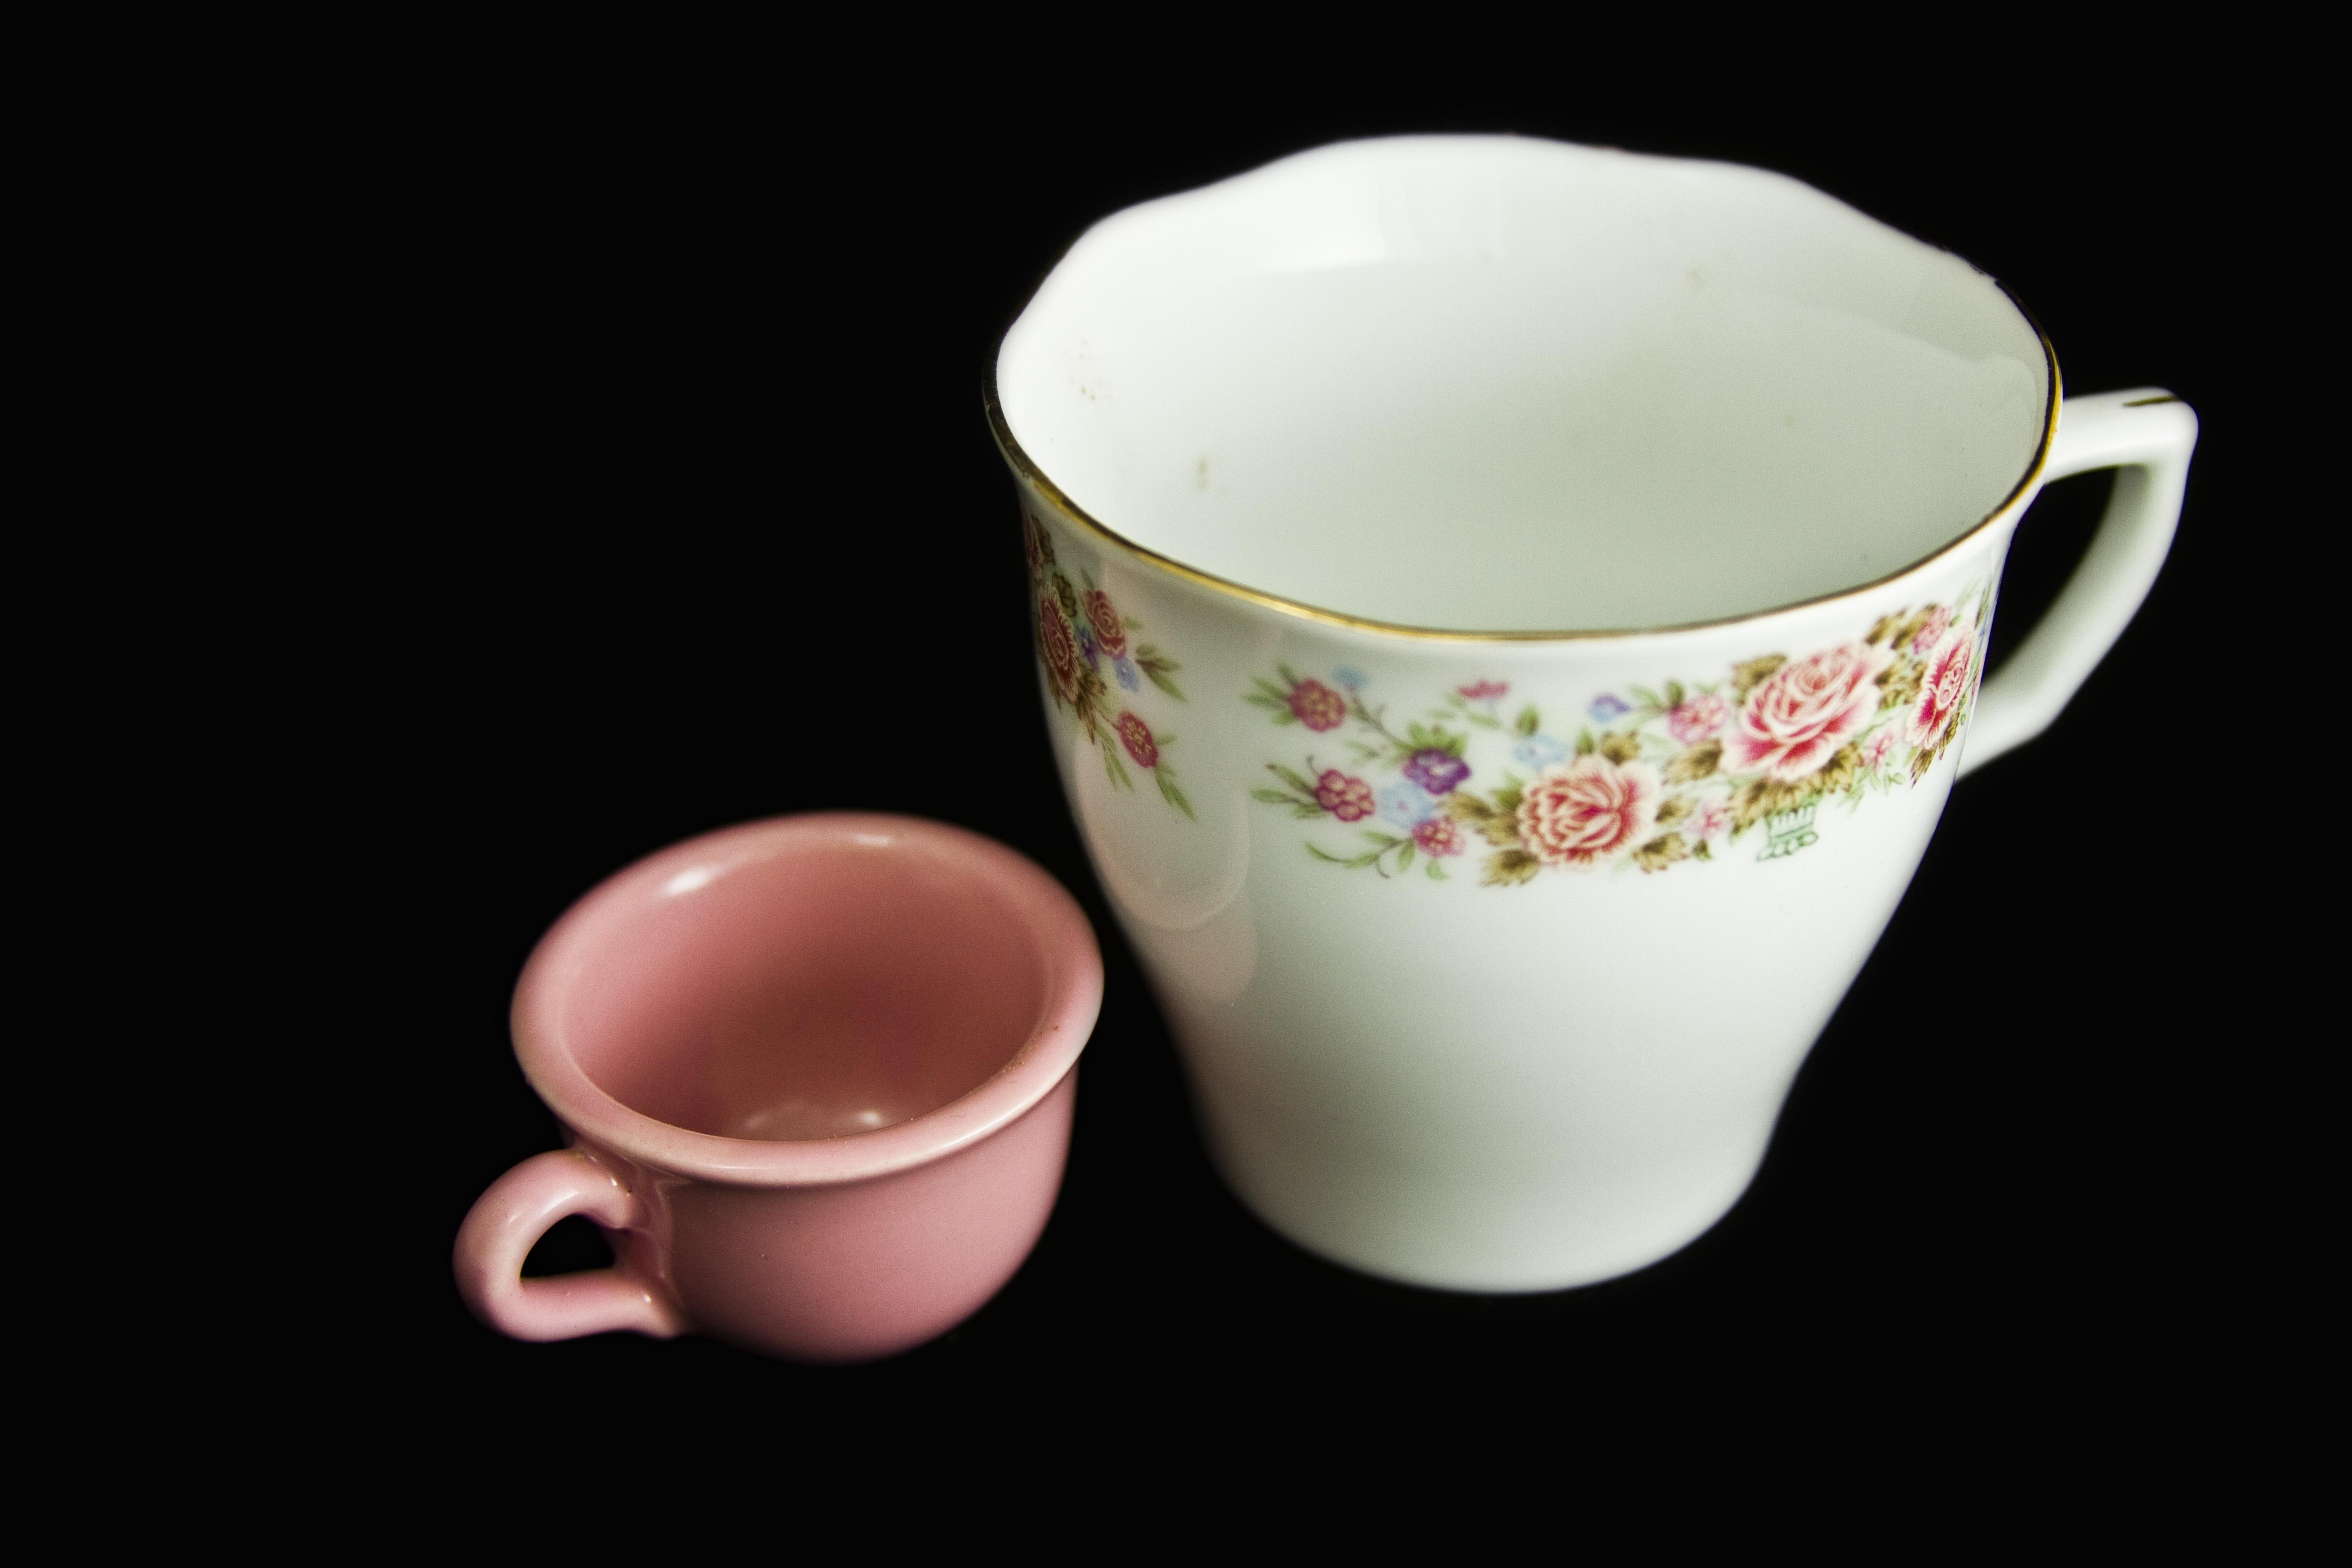 Gambar putih manis terpencil lepek keramik minum hitam putih manis terpencil cangkir lepek keramik minum hitam berwarna merah muda cangkir kopi barang pecah belah thecheapjerseys Images